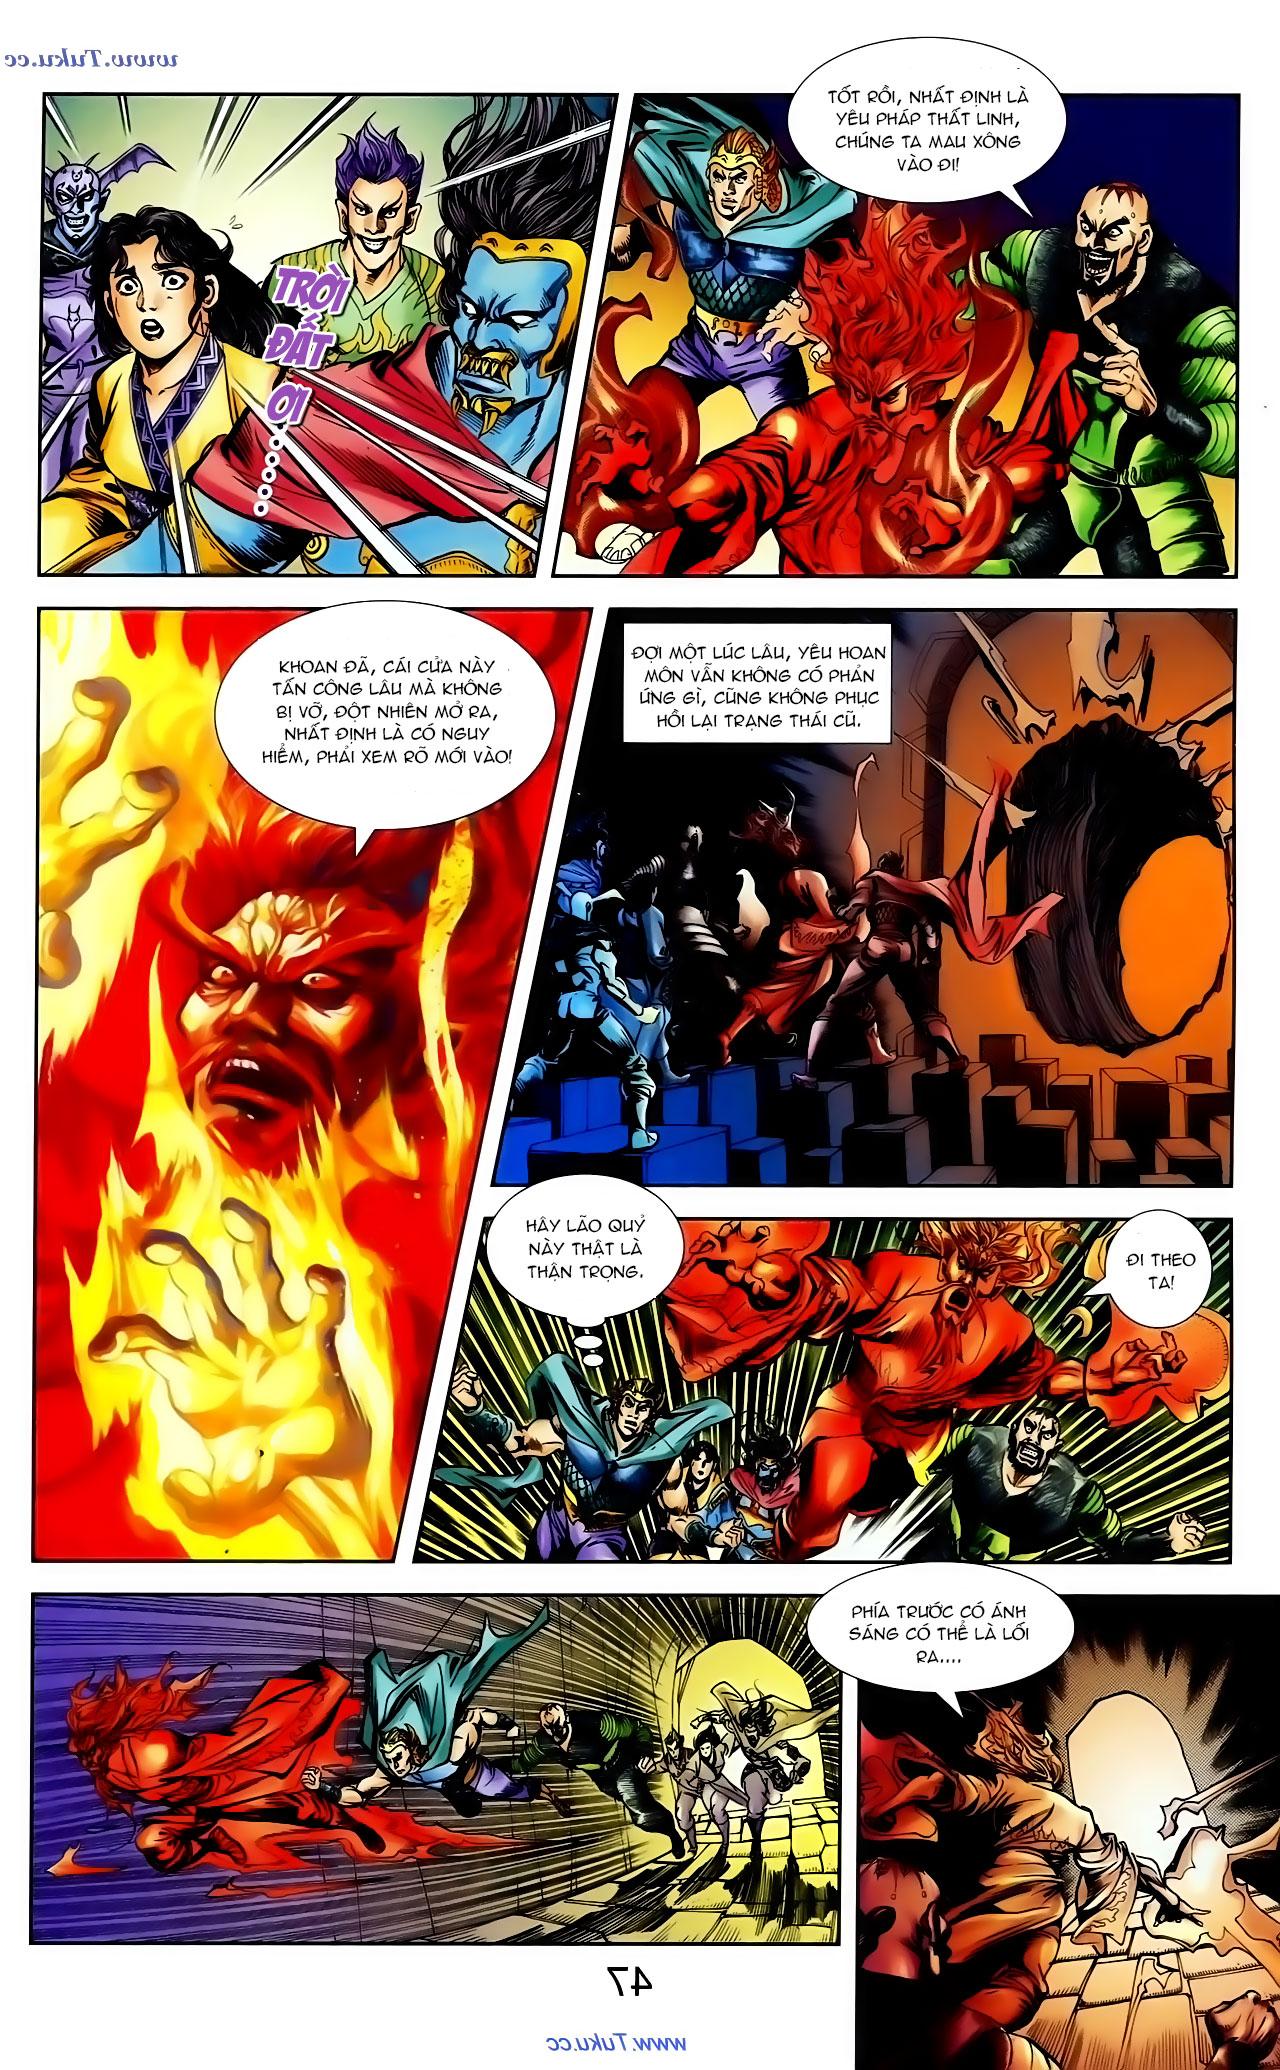 Cơ Phát Khai Chu Bản chapter 100 trang 14